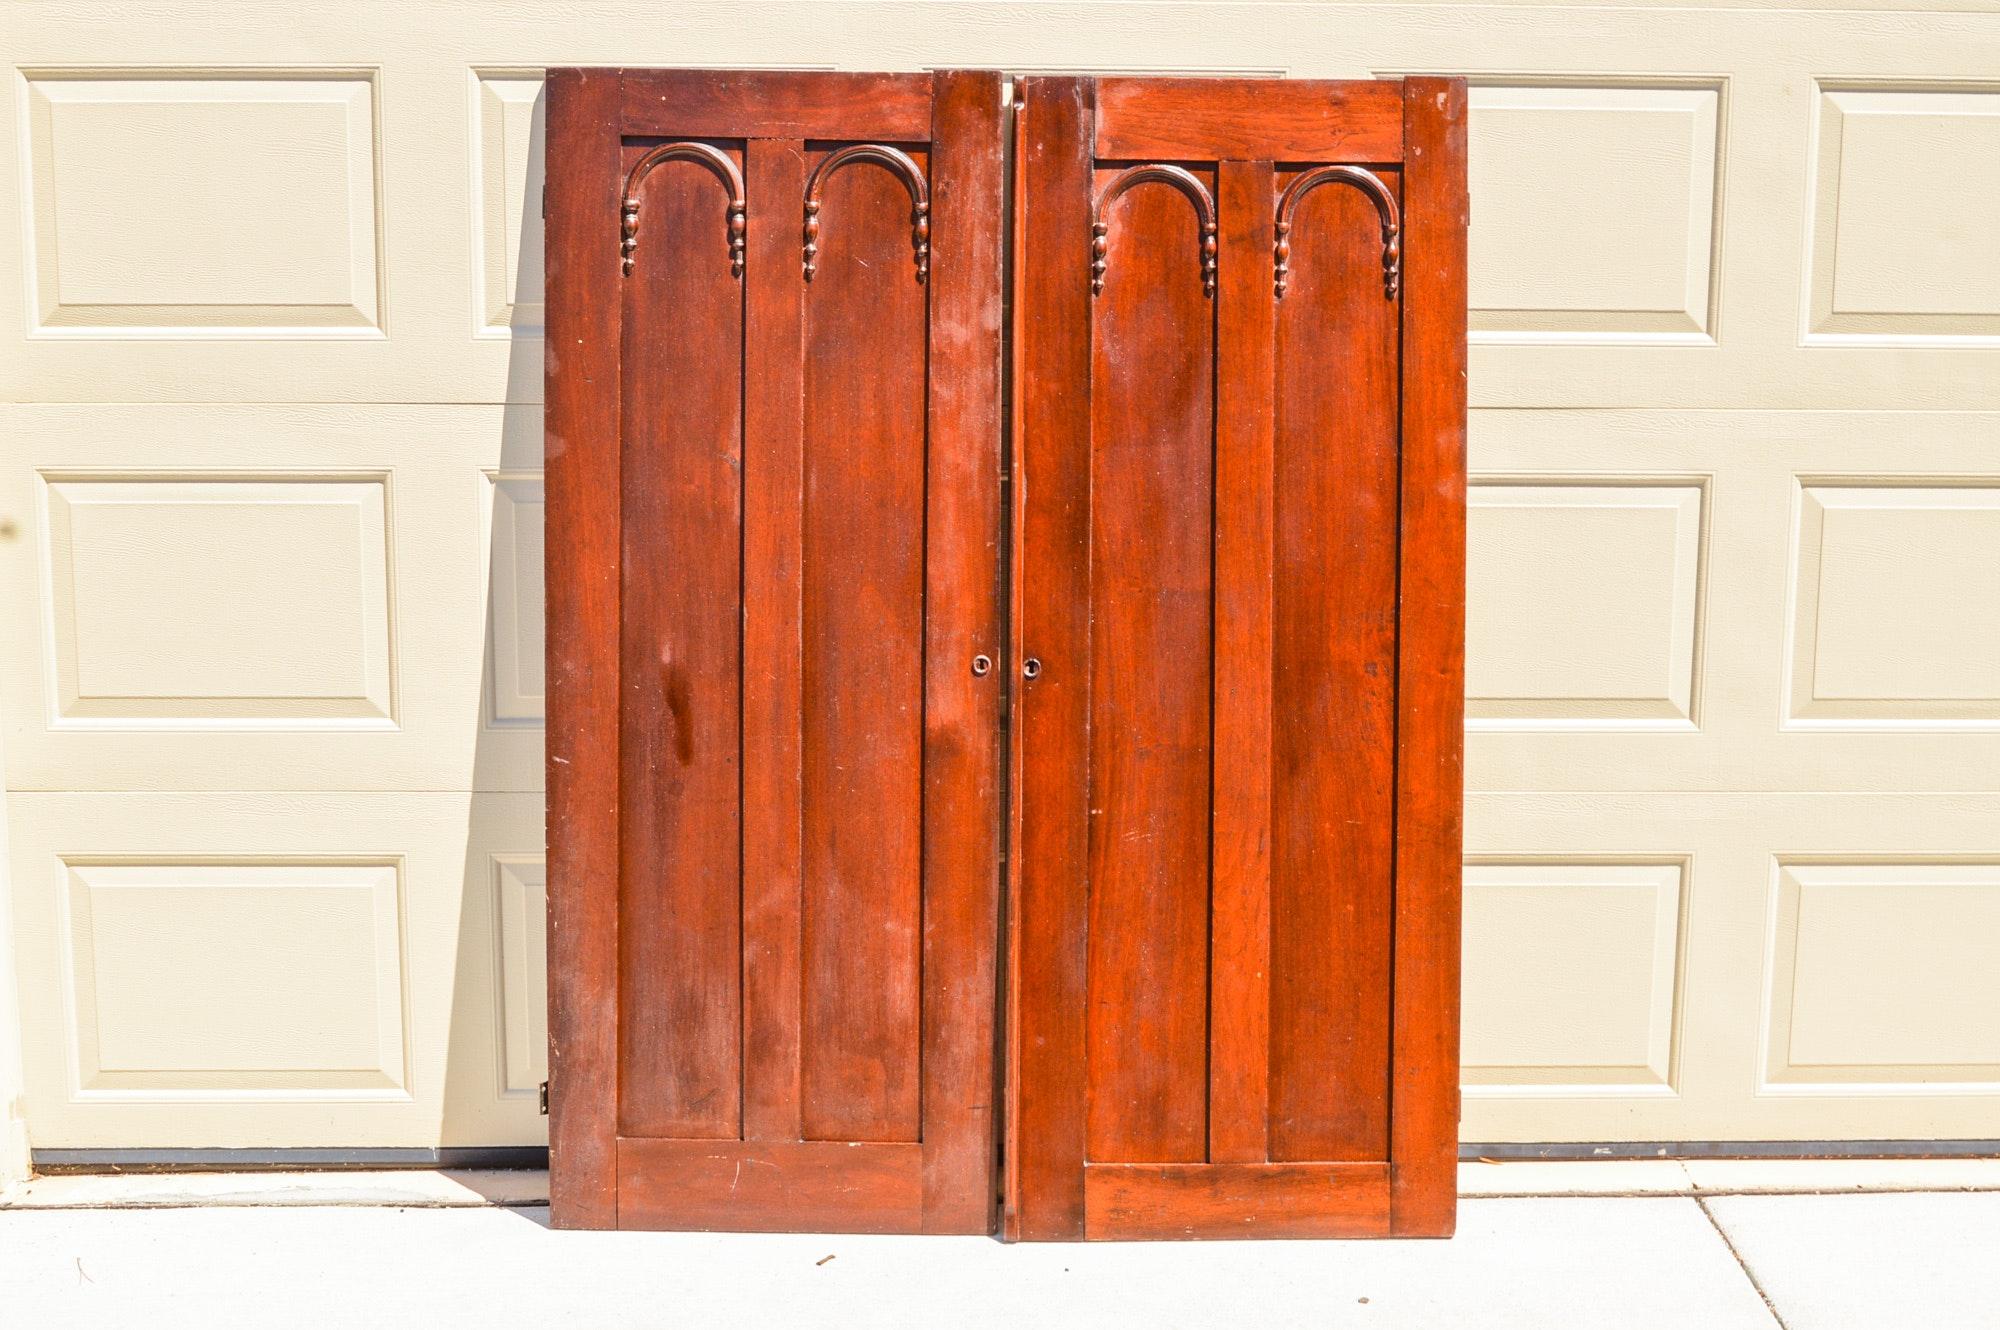 Antique American Doors